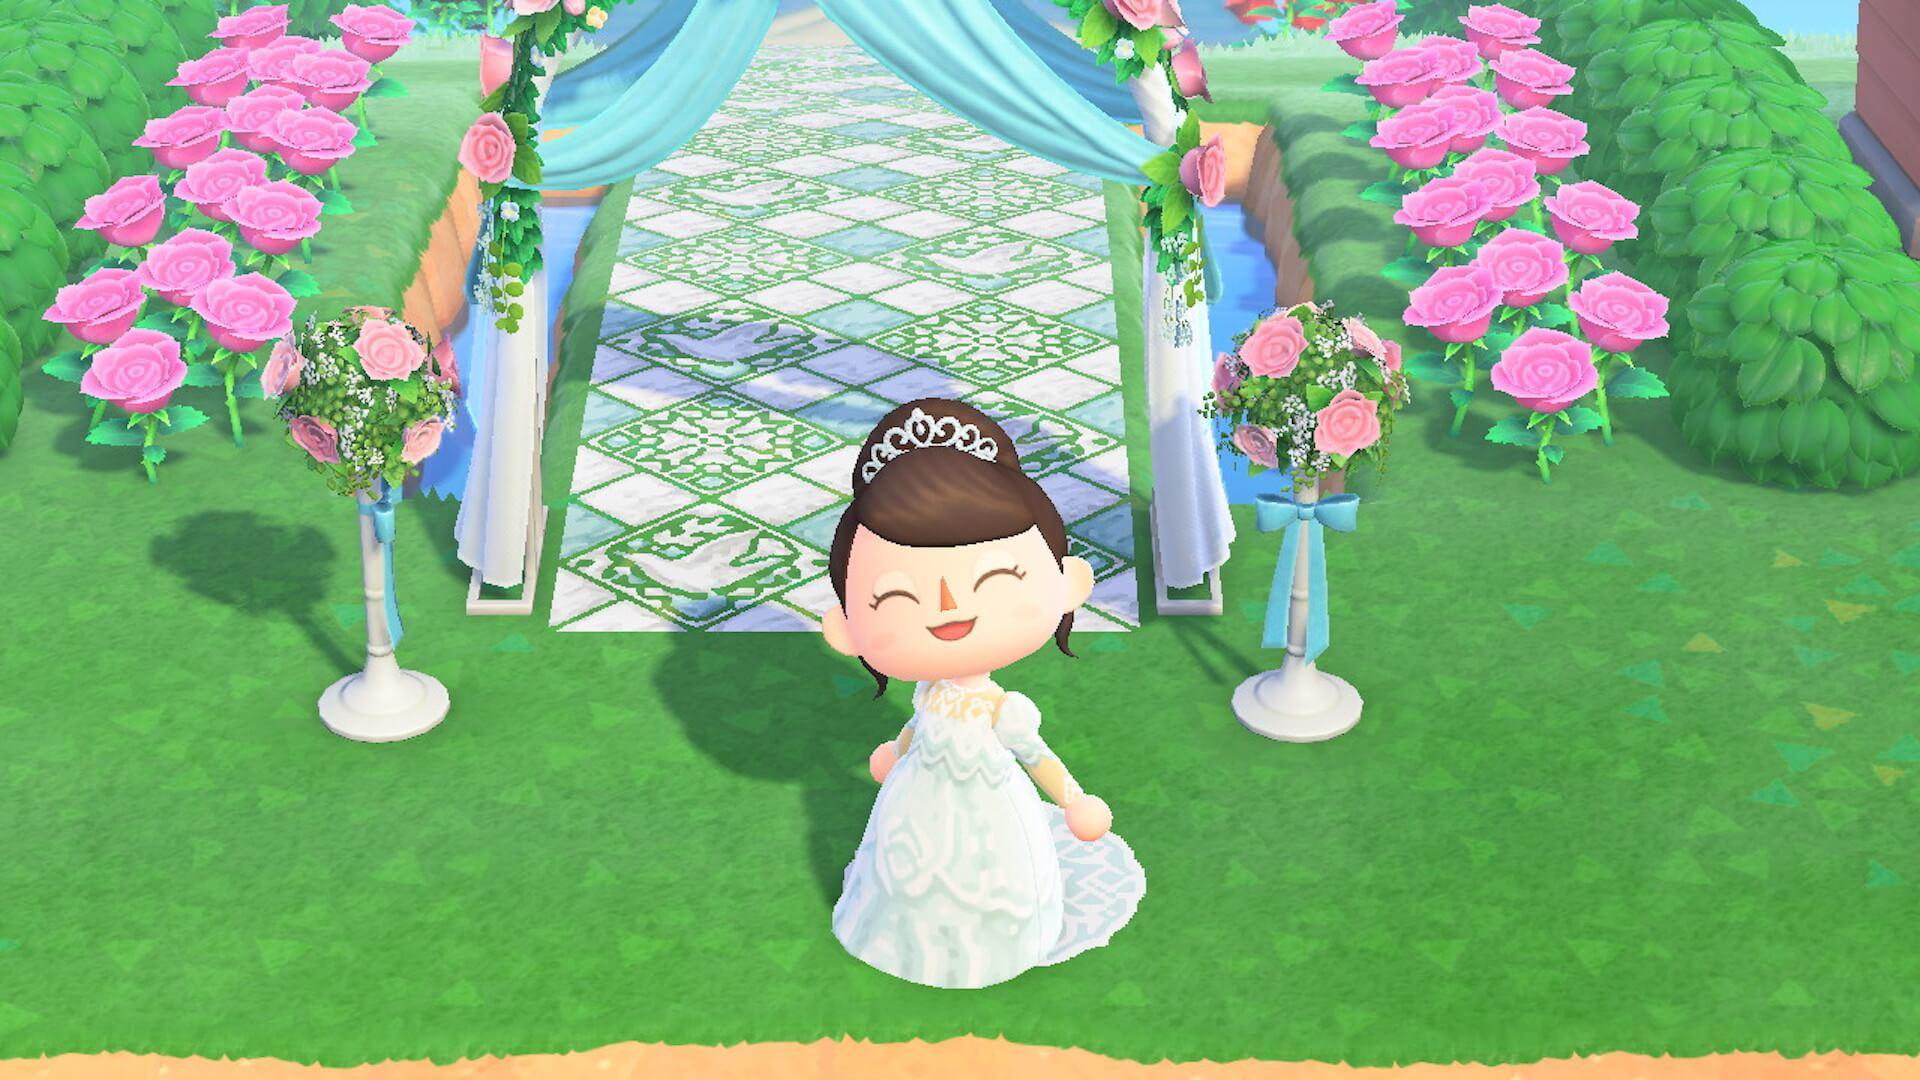 あつ森でYumi Katsuraのウエディングドレスを着て結婚式を挙げよう!?『あつまれ どうぶつの森』マイデザインが公式Instgramで配布開始 tech200608_animalcrossing_9